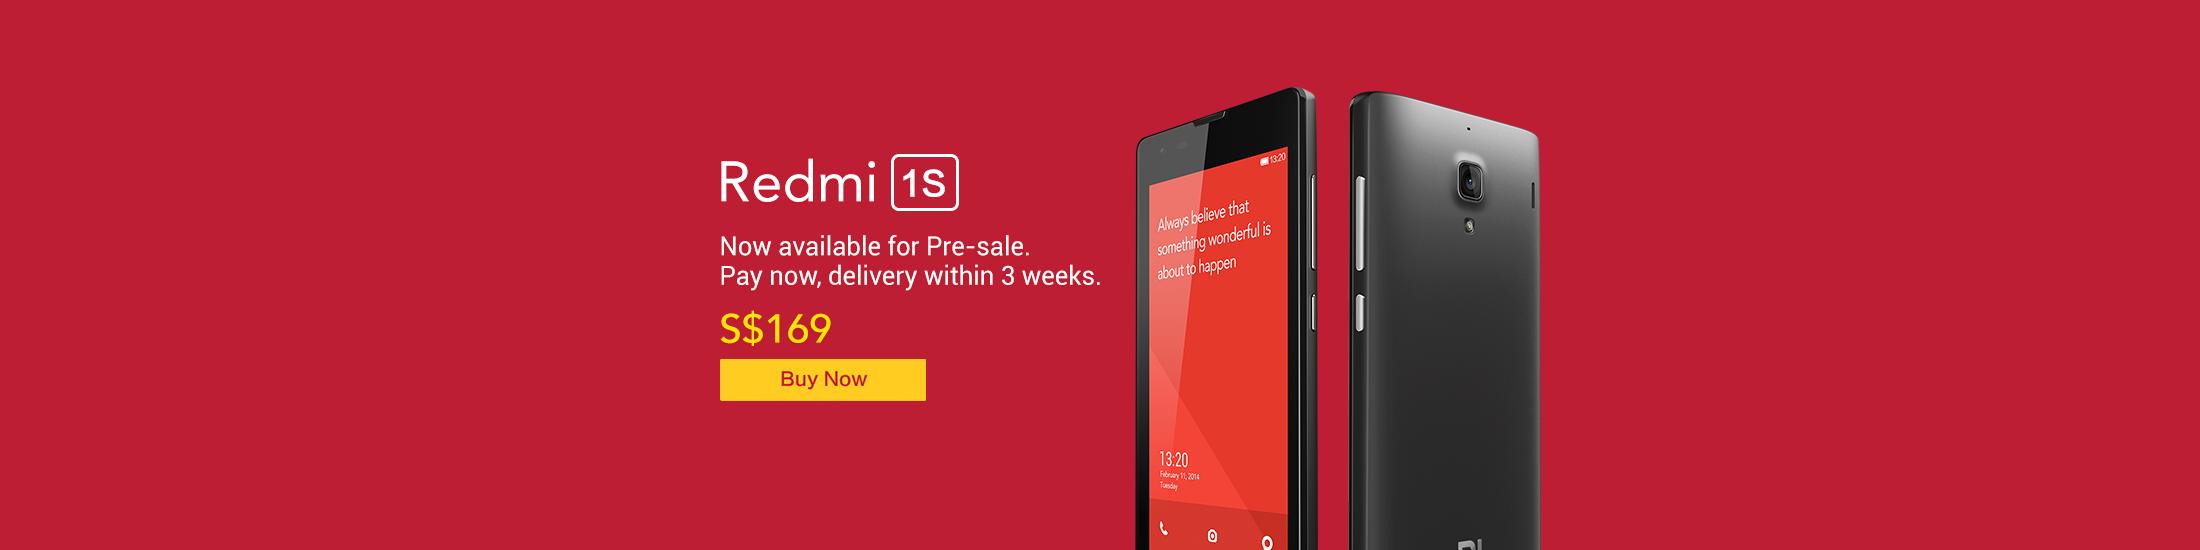 Redmi 1S Pre Sale